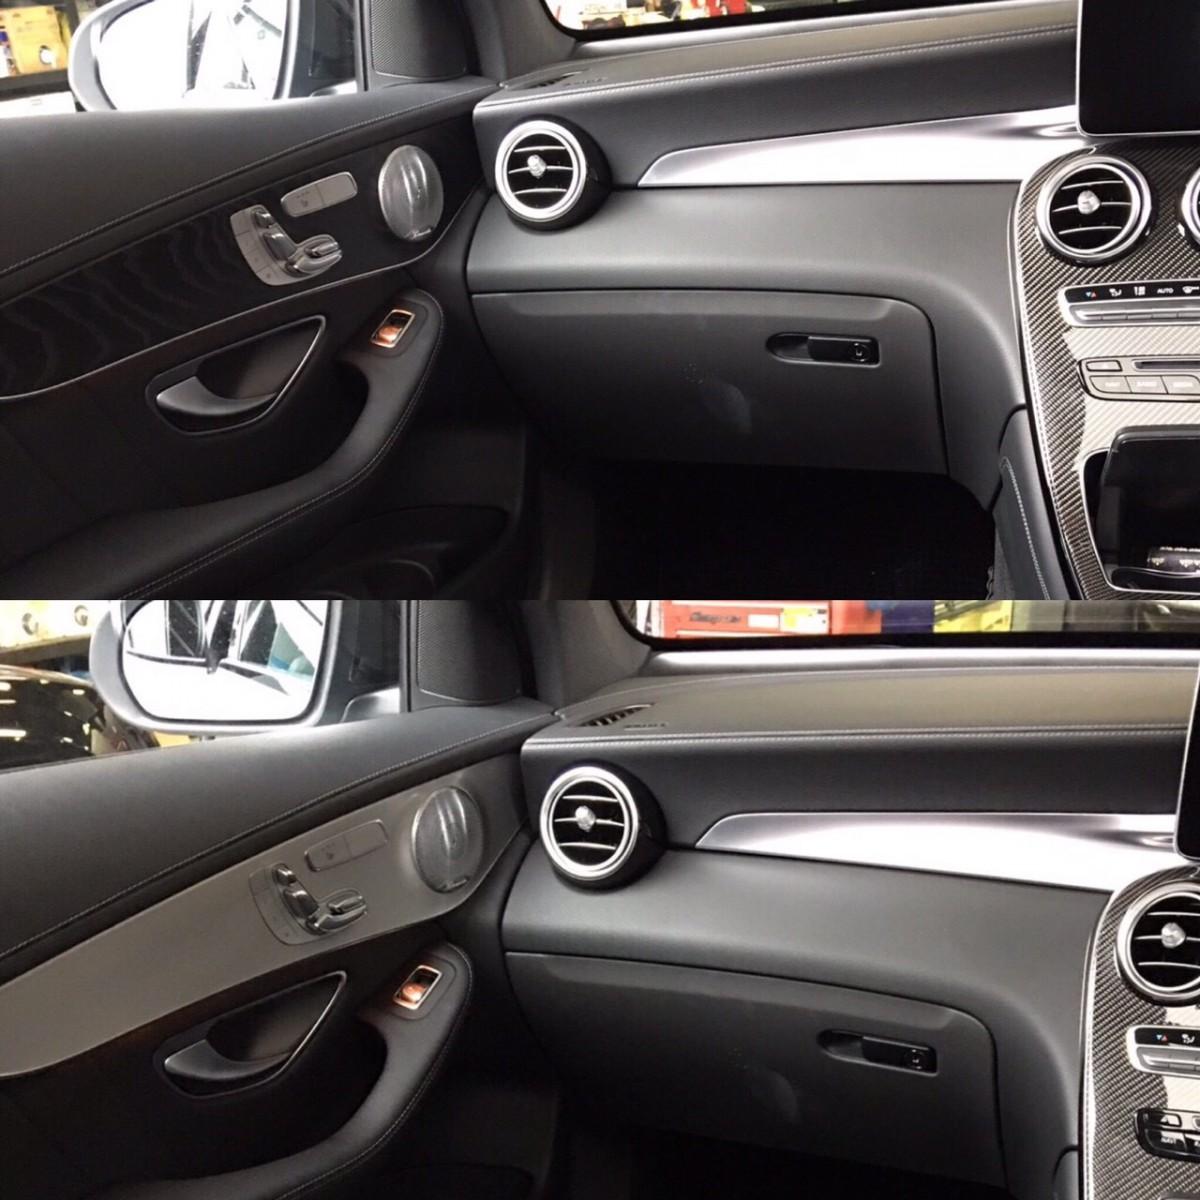 前回ブラックカーボンセンターパネルとAMGプレート付きステアリングアンダーステーを取り付けさせて頂きましたMercedes-Benz GLC に今回は内装ドア内パネル交換を行ないました。ウッド製の物からアルミ製へ変更しよ […]